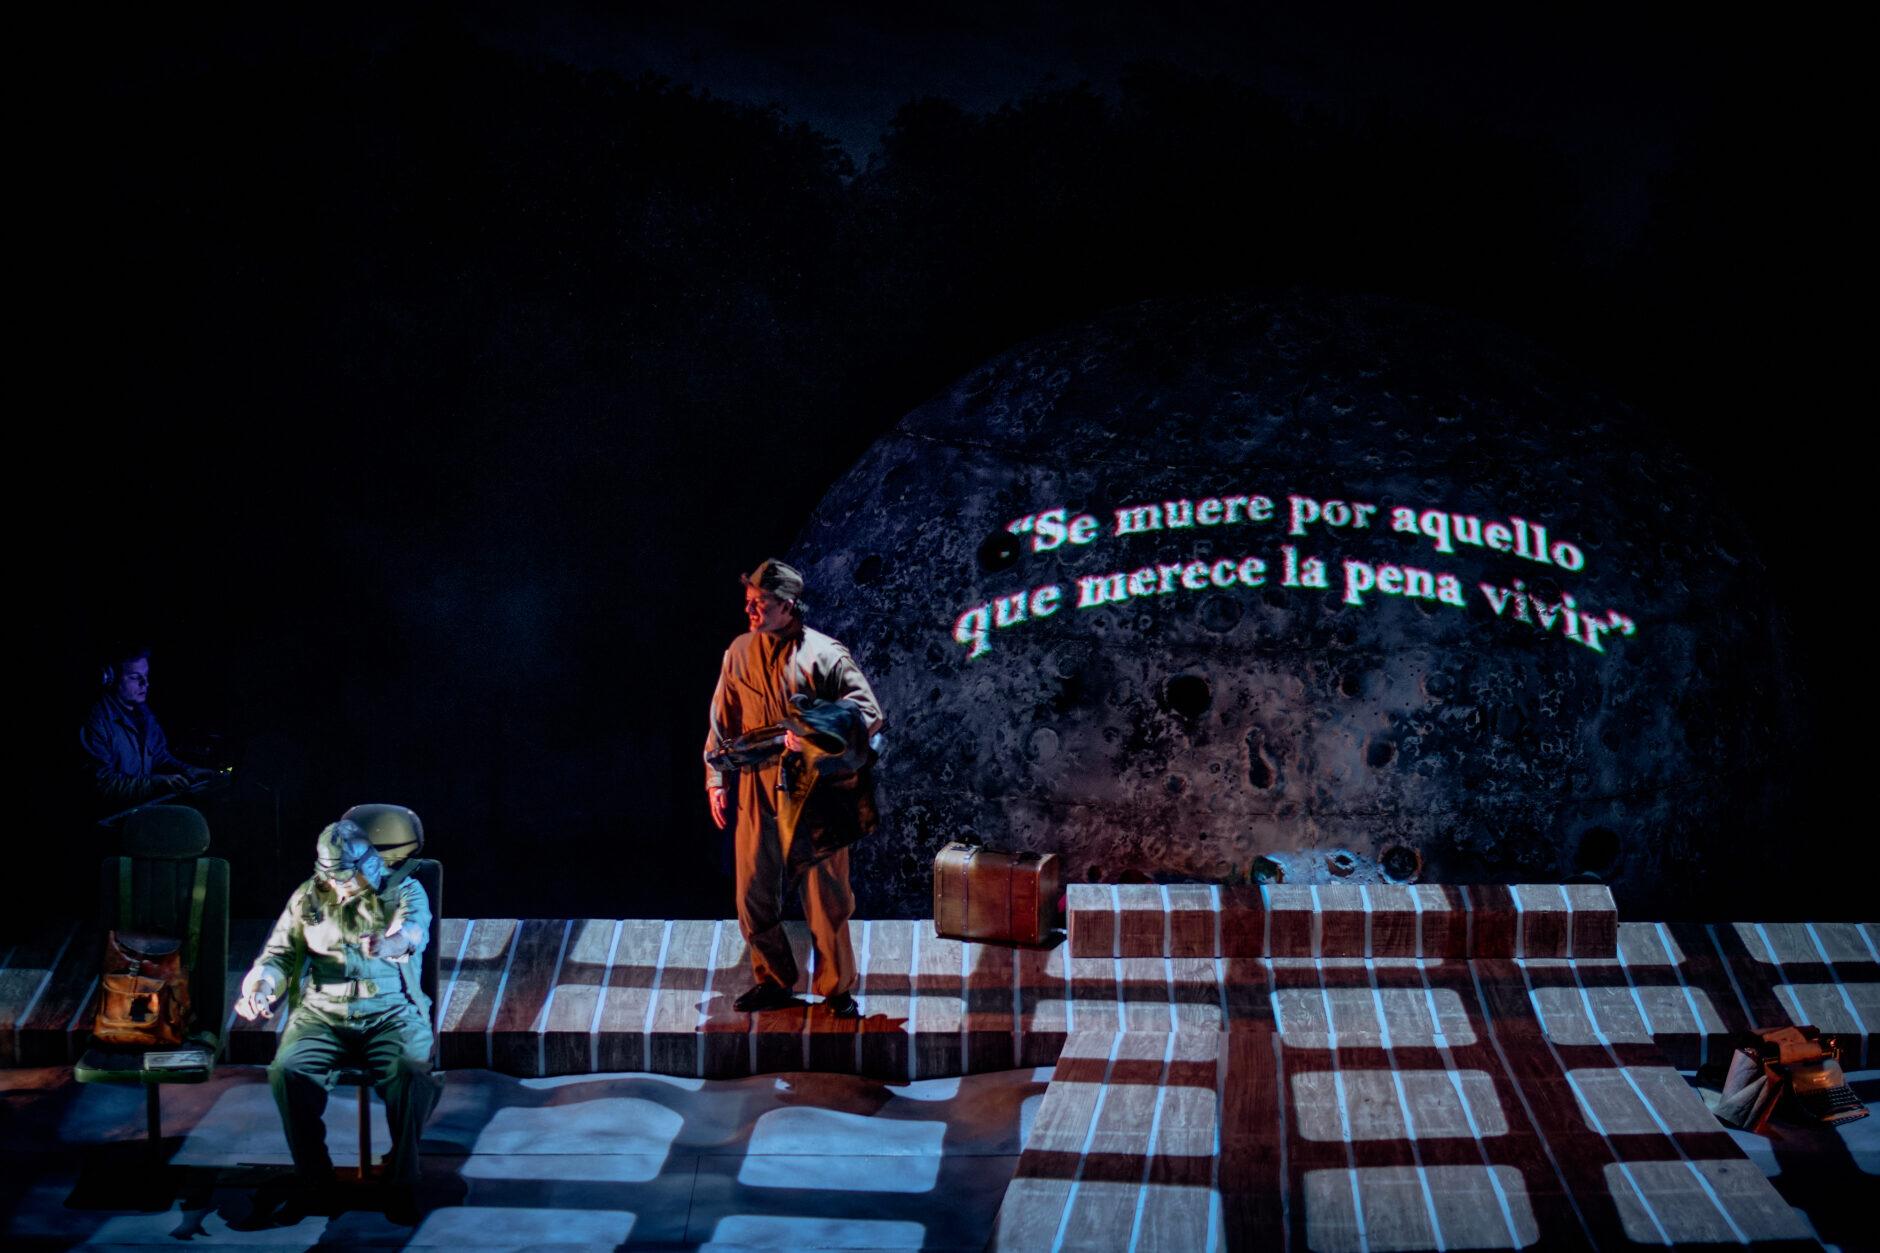 Antoine, el musical - La increíble historia del creador de El Principito 5